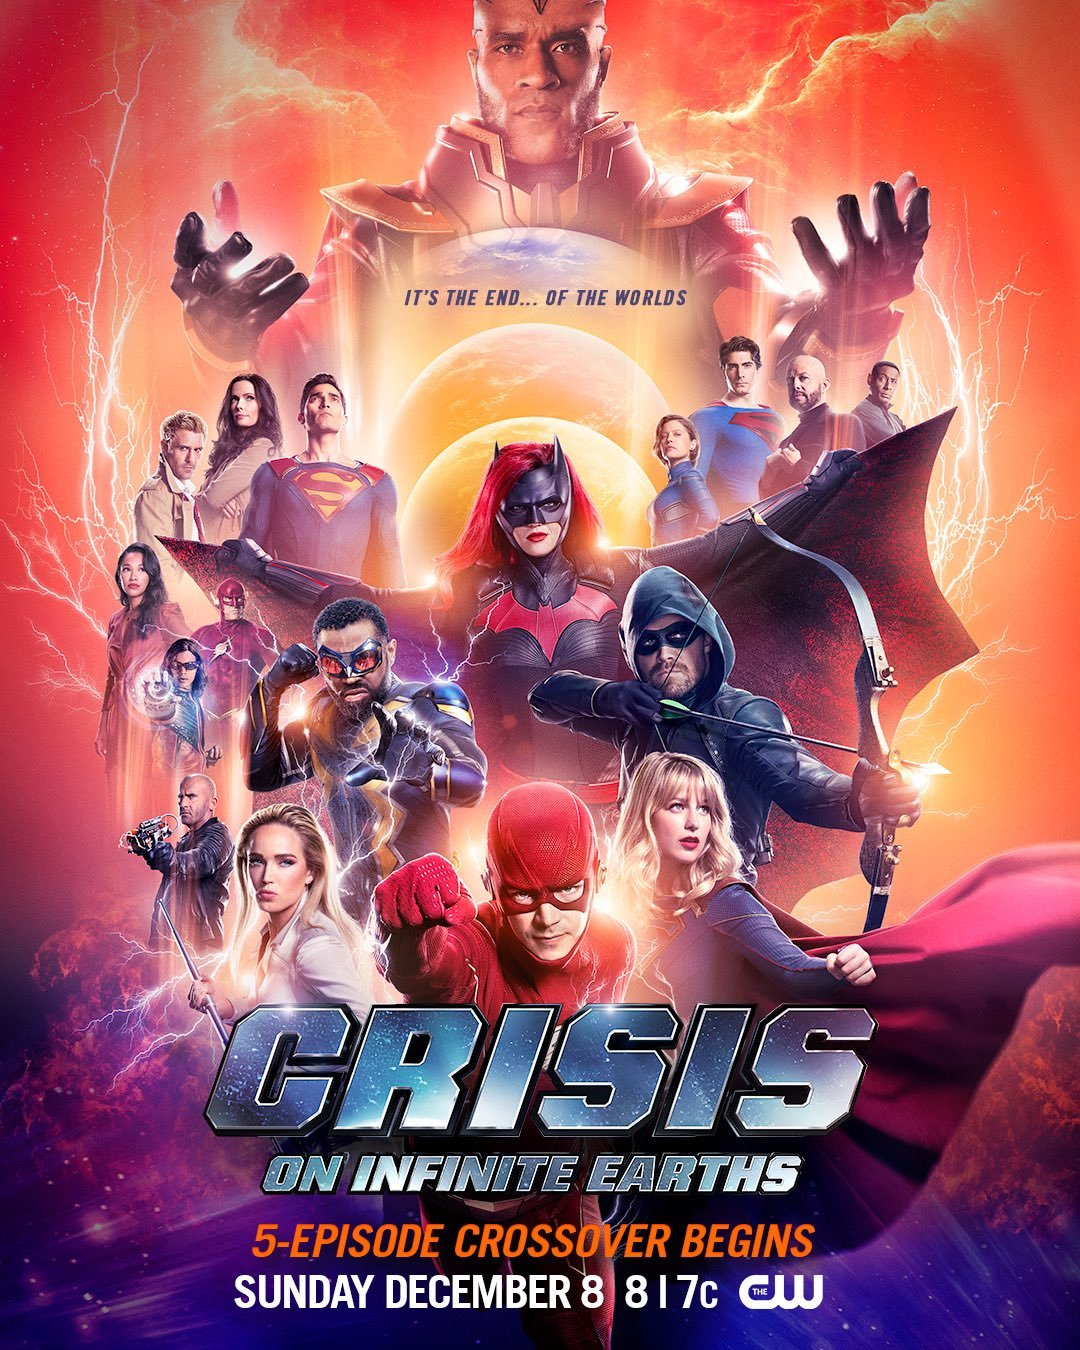 უსასრულო სამყაროების კრიზისი სეზონი 1 / Crisis on Infinite Earths Season 1